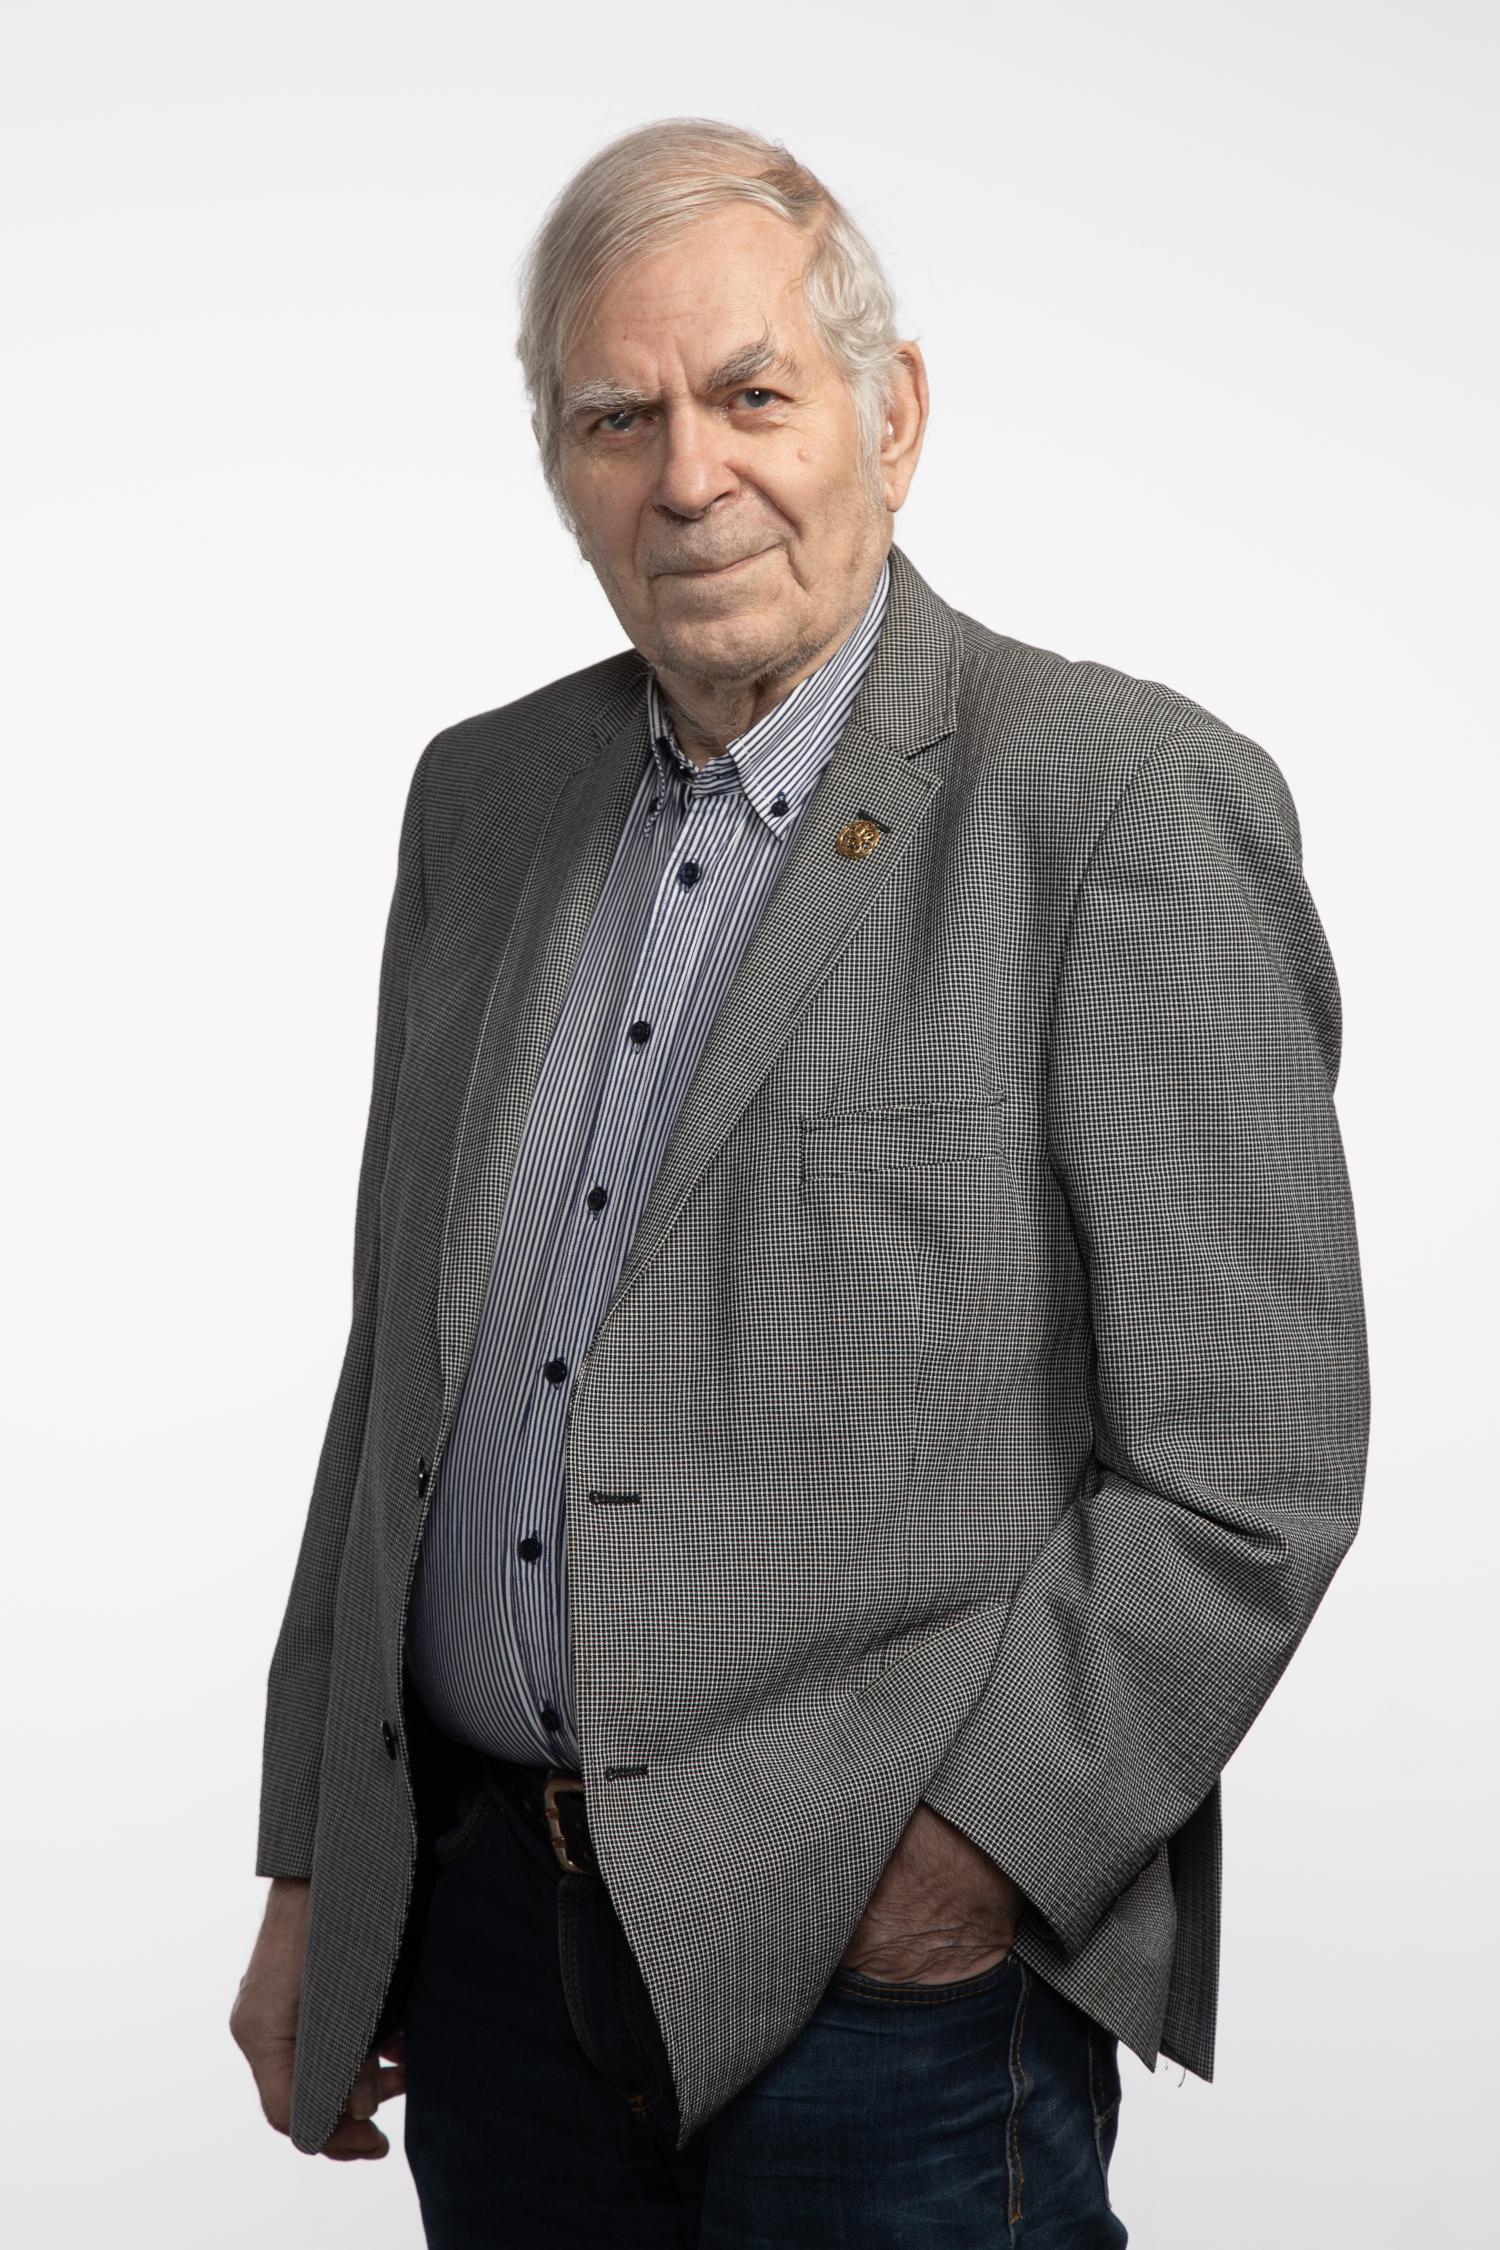 Pekka Hammais